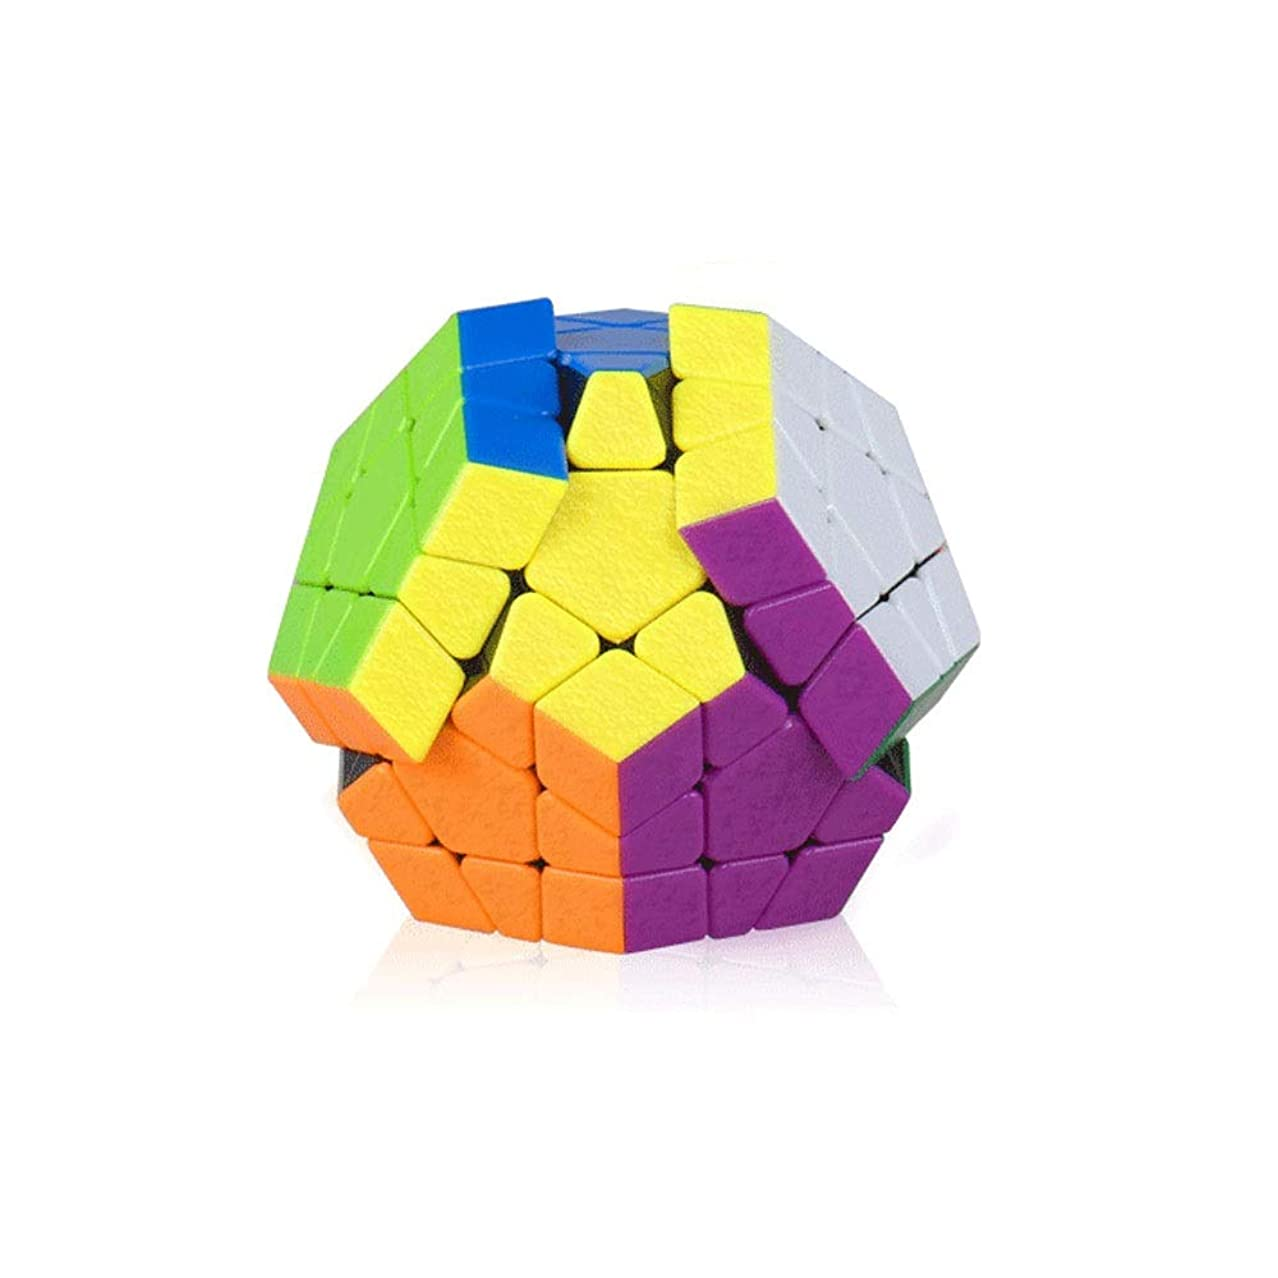 大胆な行形式Kaiyitong ルービックキューブ、知的で想像力豊かな使用のための、滑らかで快適なキューブ、ギフトとして使用することができます(宝石スタイル) 強い (Edition : Gemstone style)